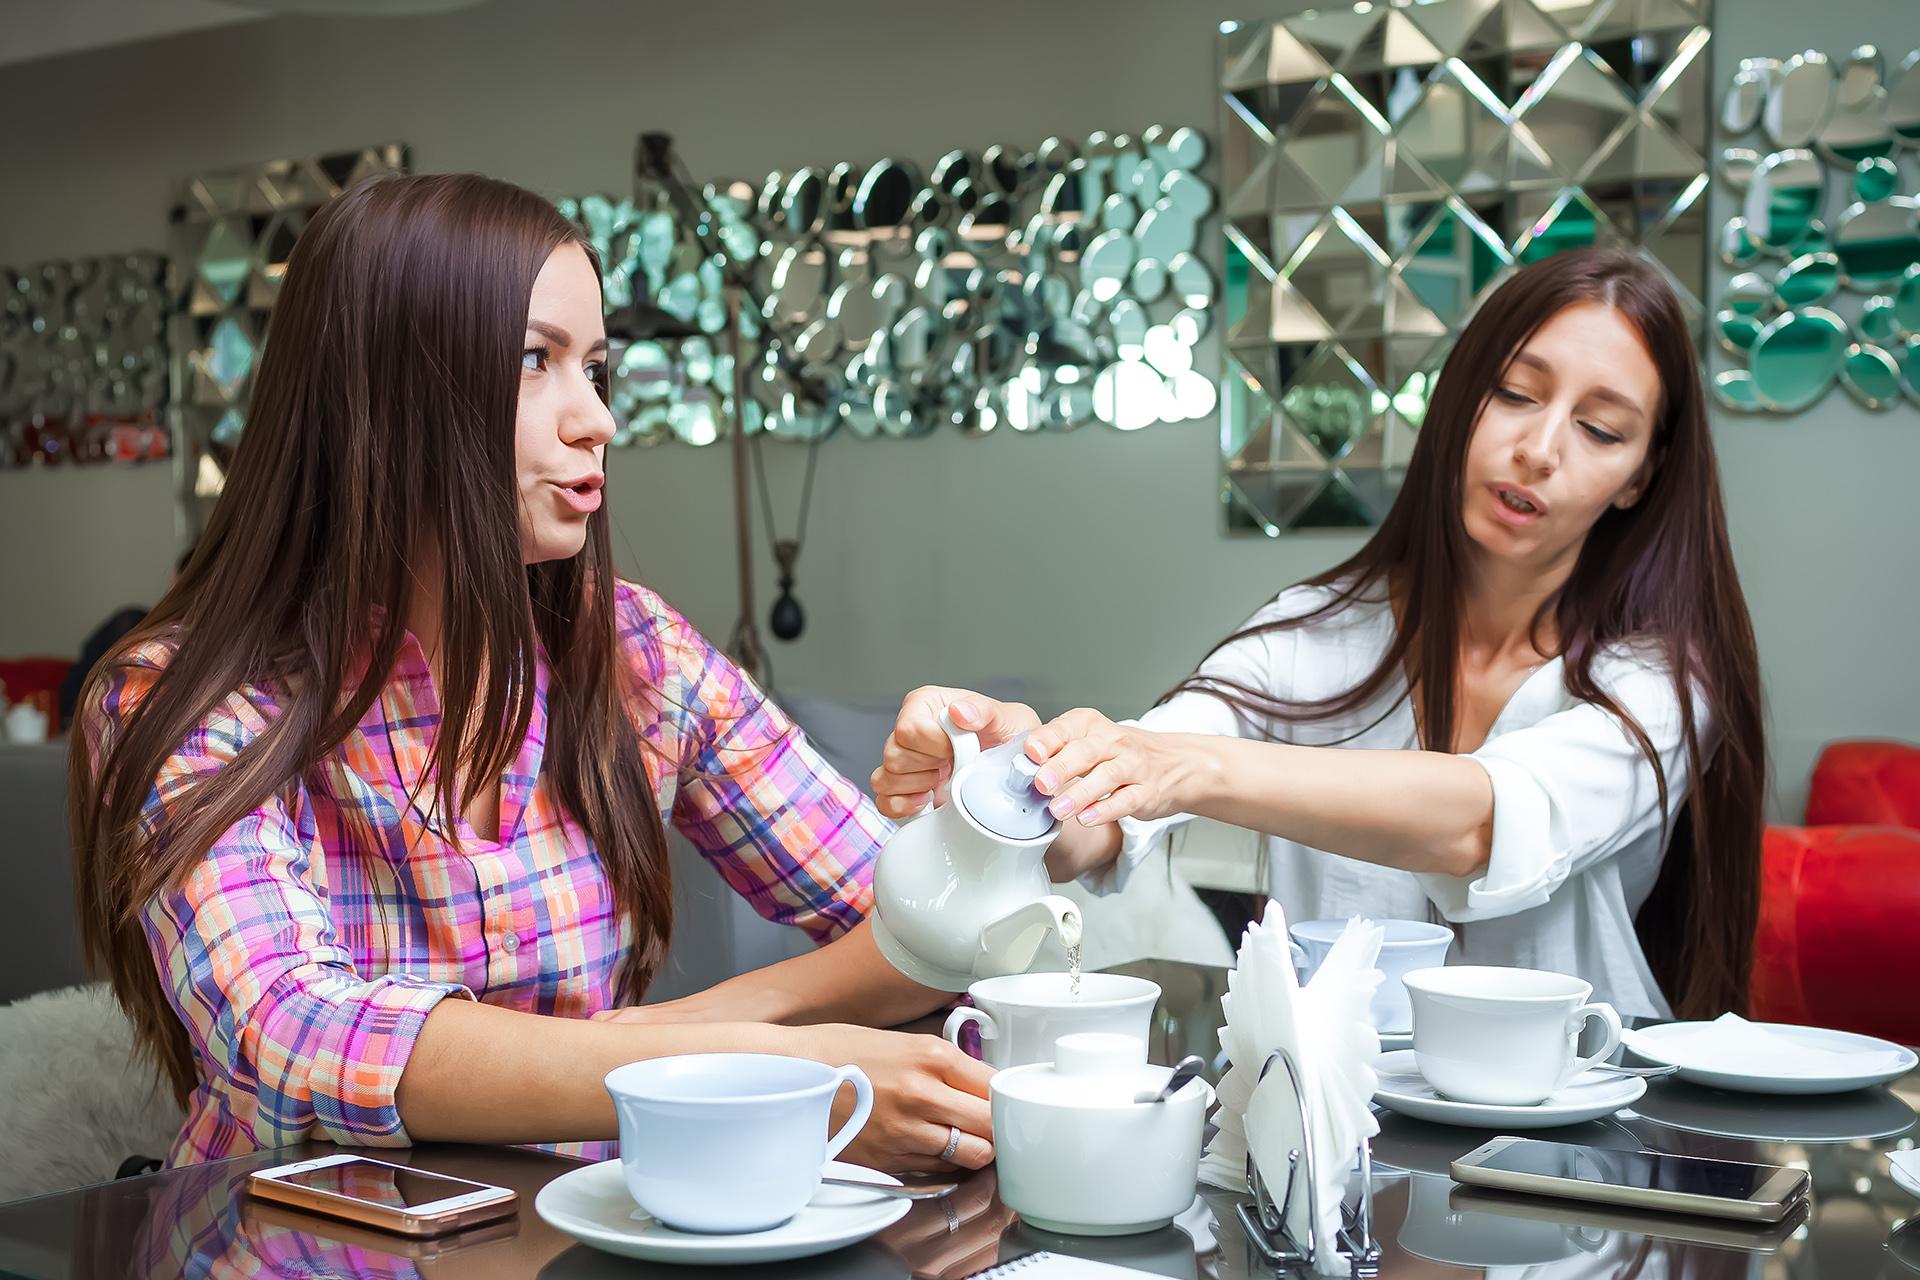 Совместный бизнес сделал дружбу сестёр ещё более крепкой